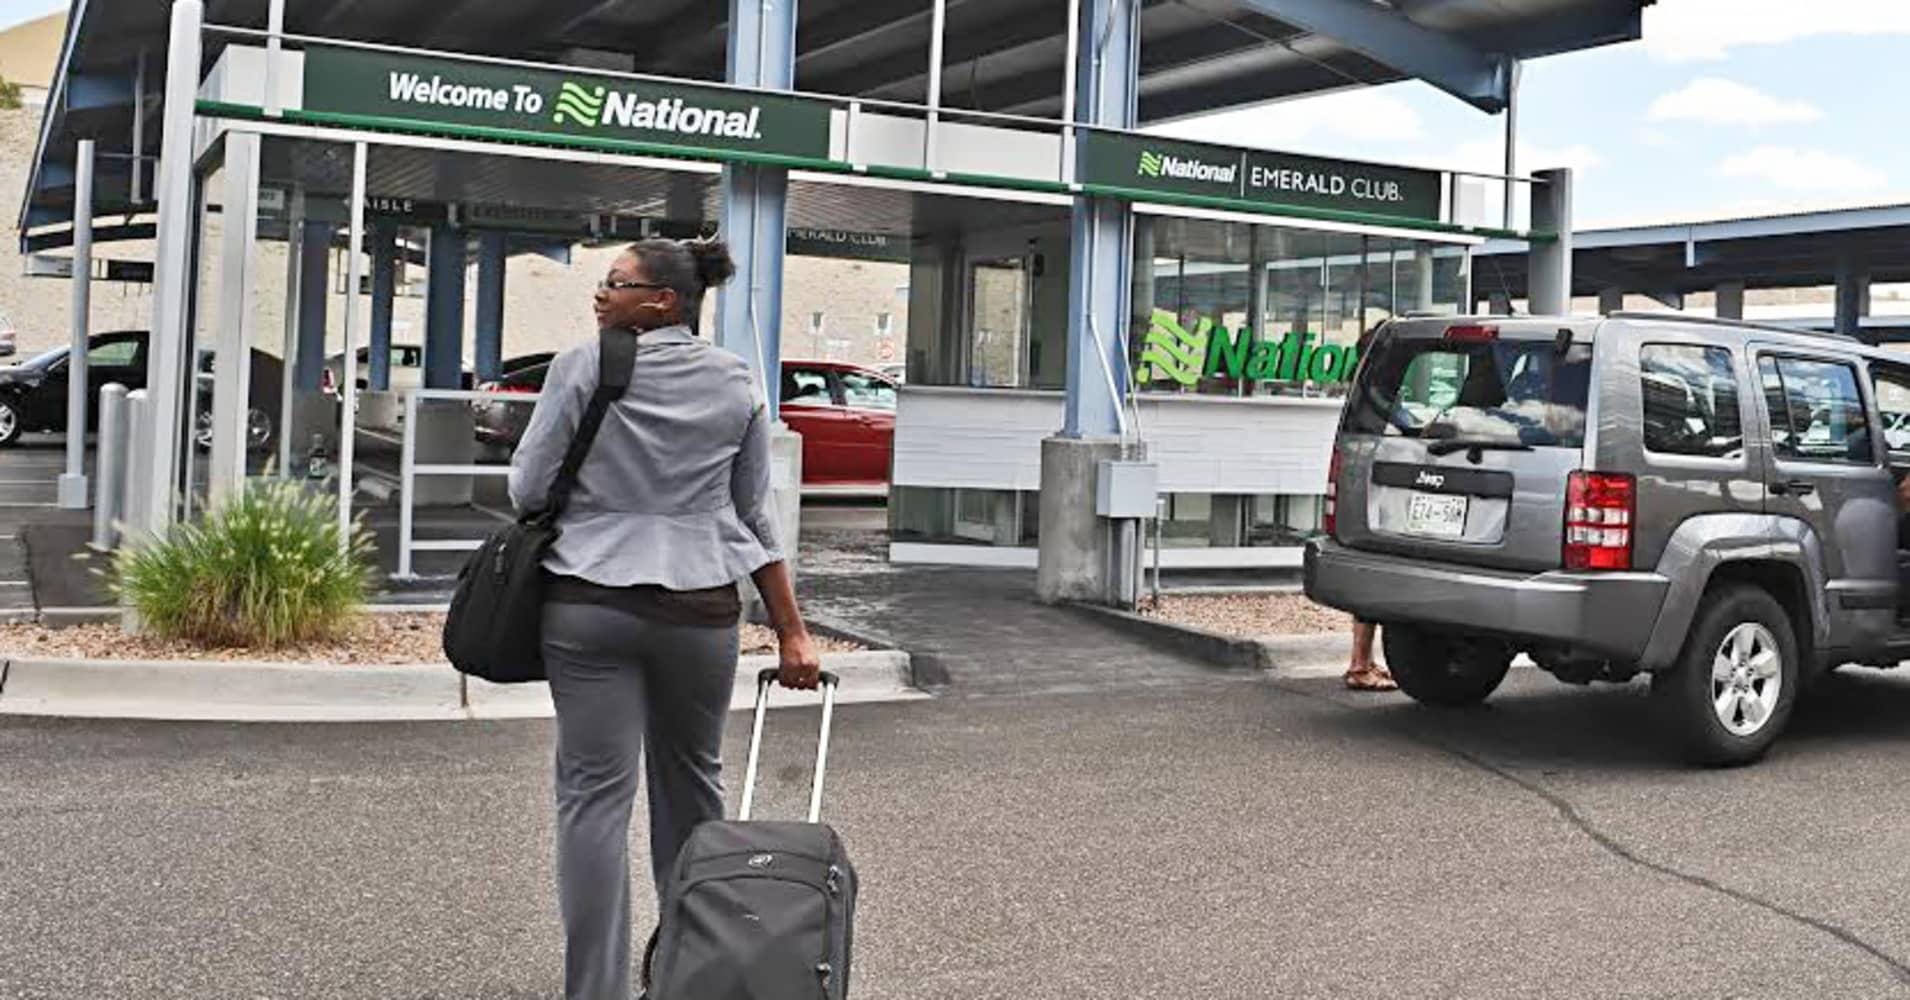 Customer at National car rental